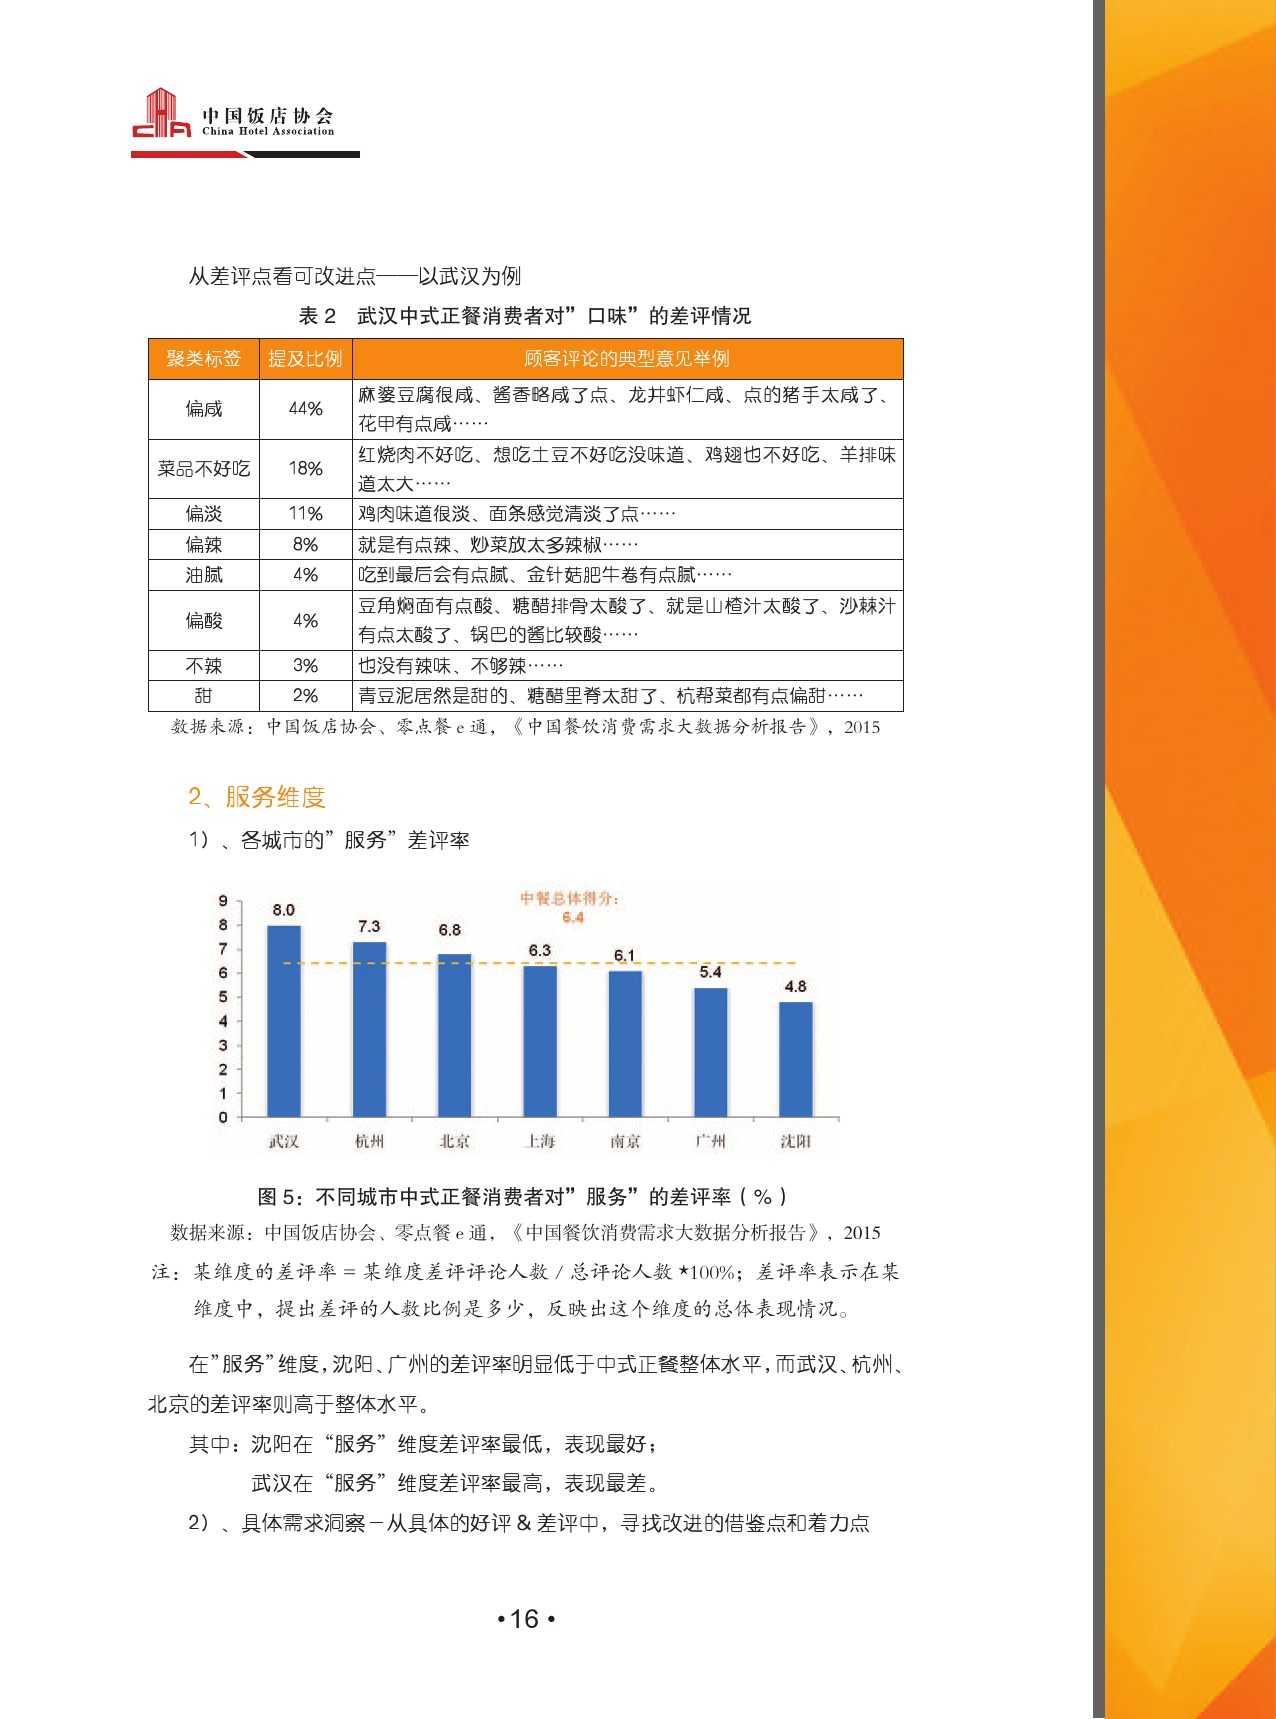 2015中国餐饮消费需求大数据分析报告_000018